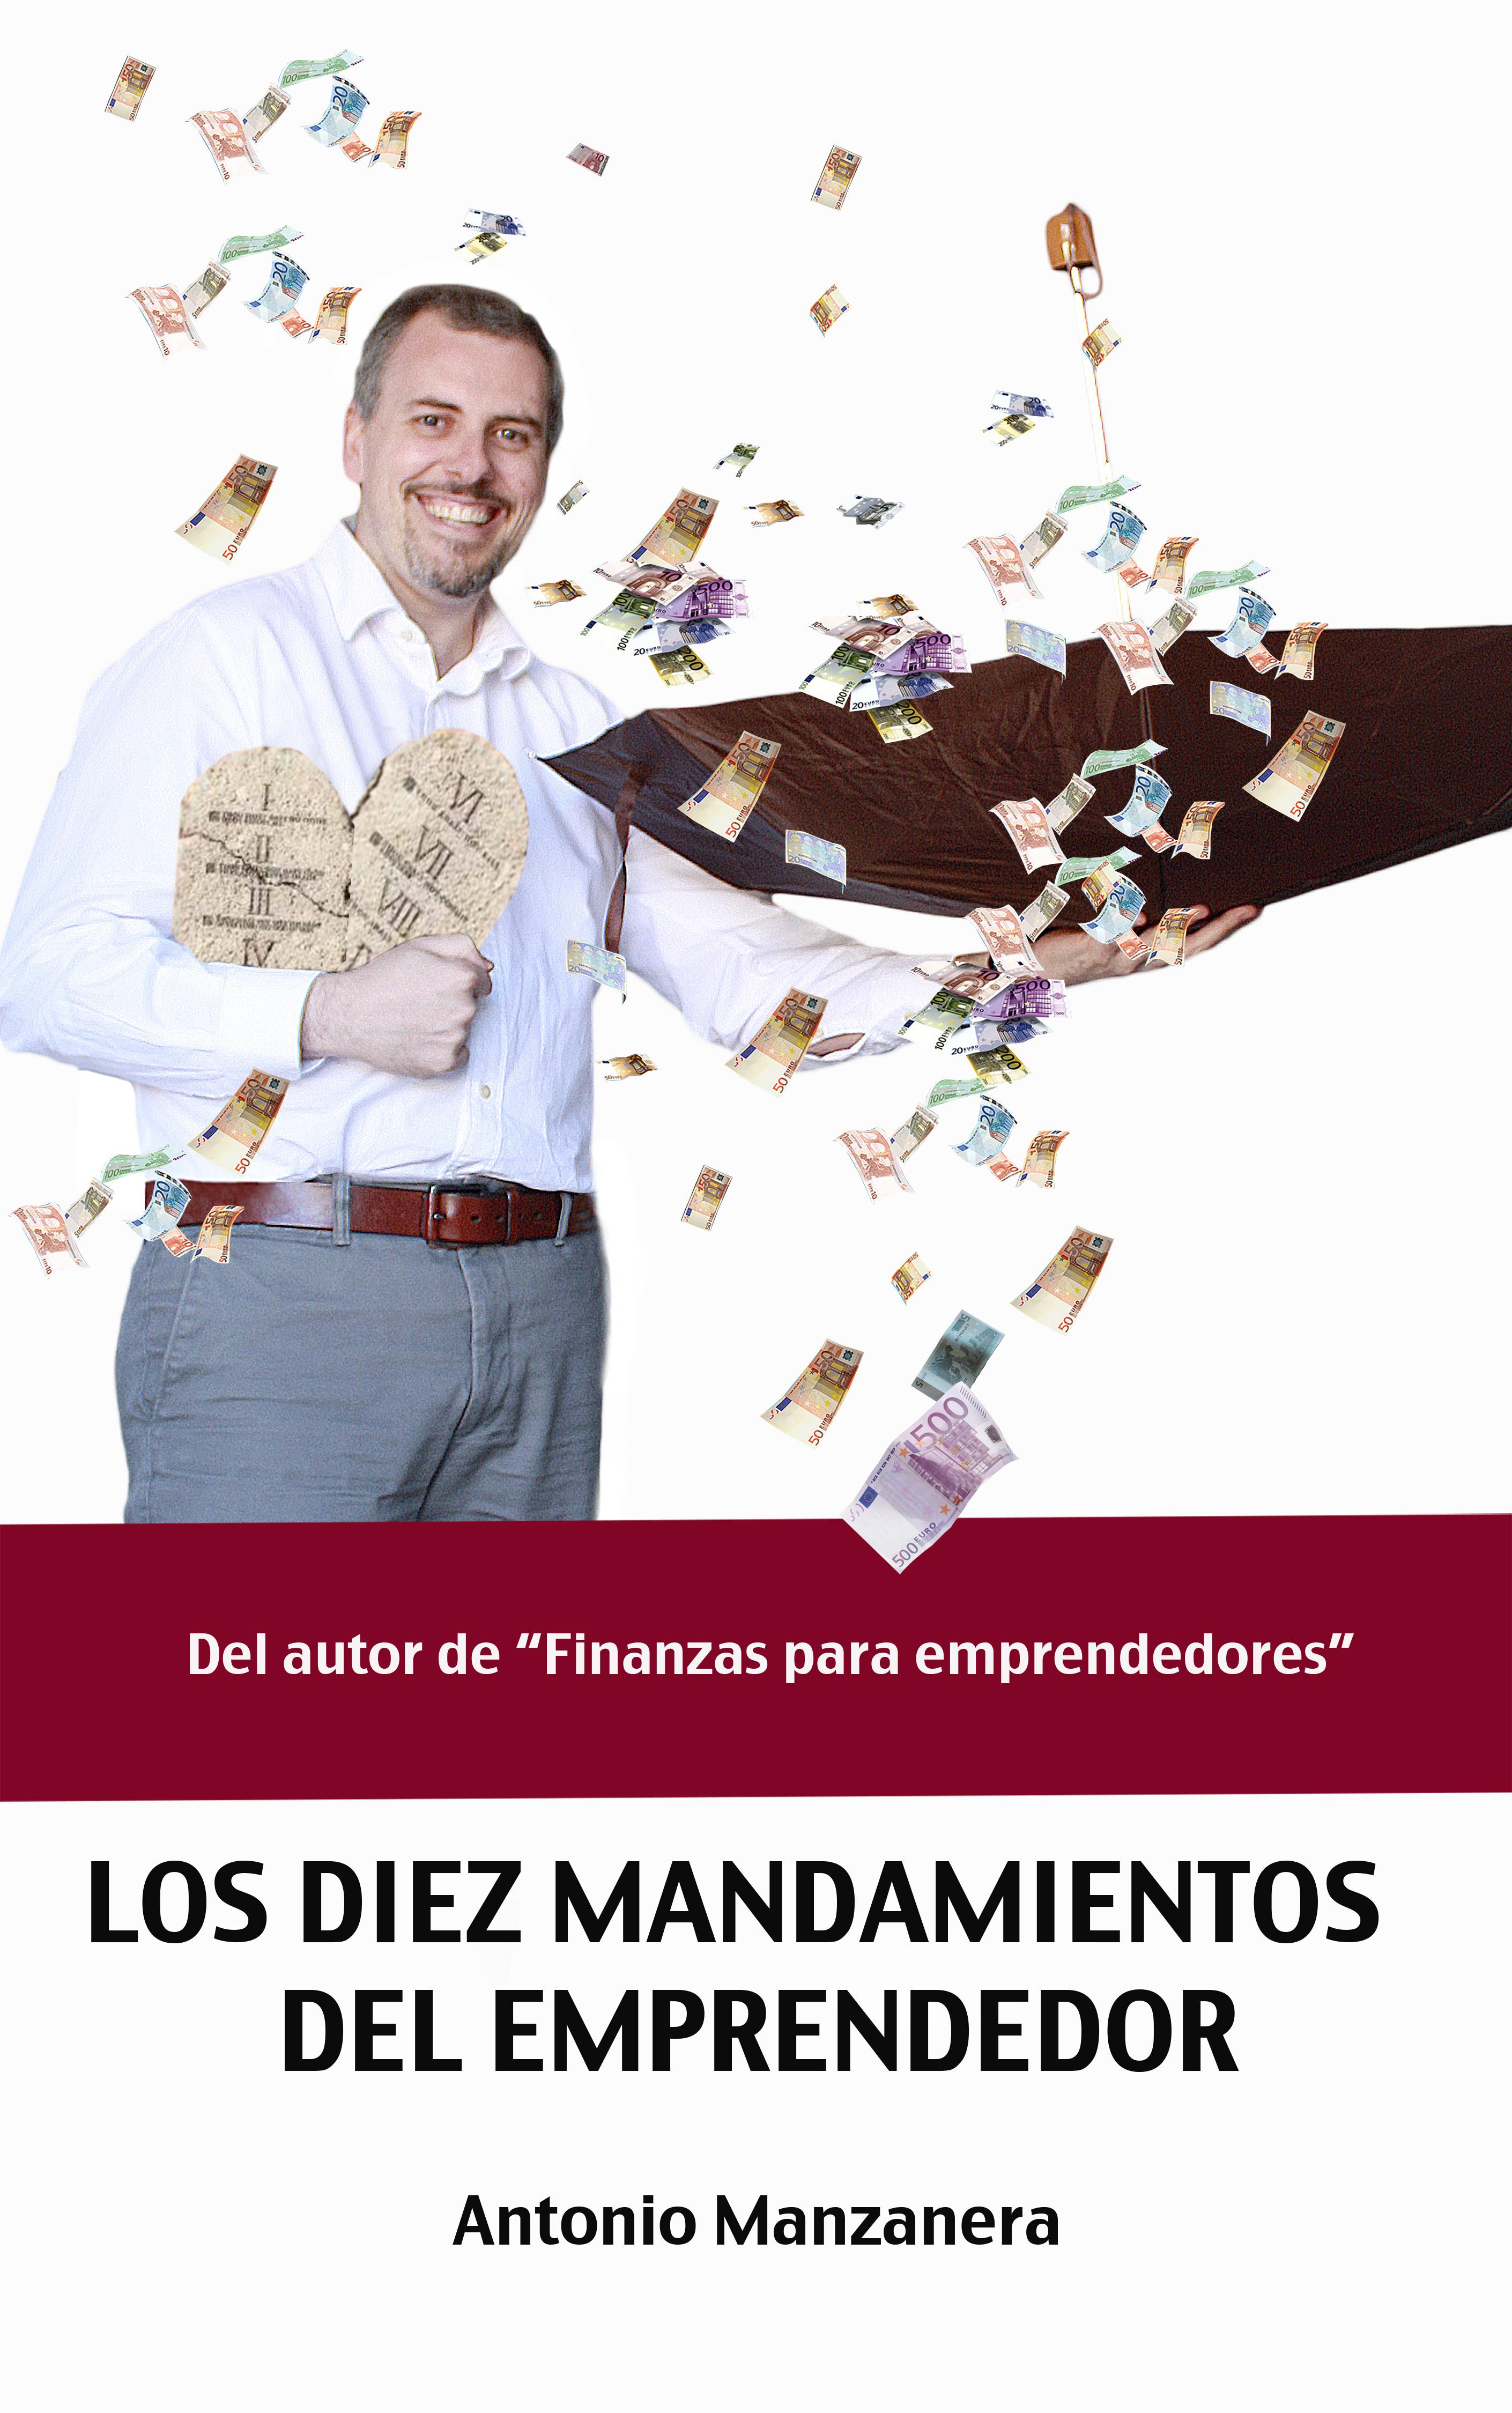 portado_diez_mandamientos.jpg